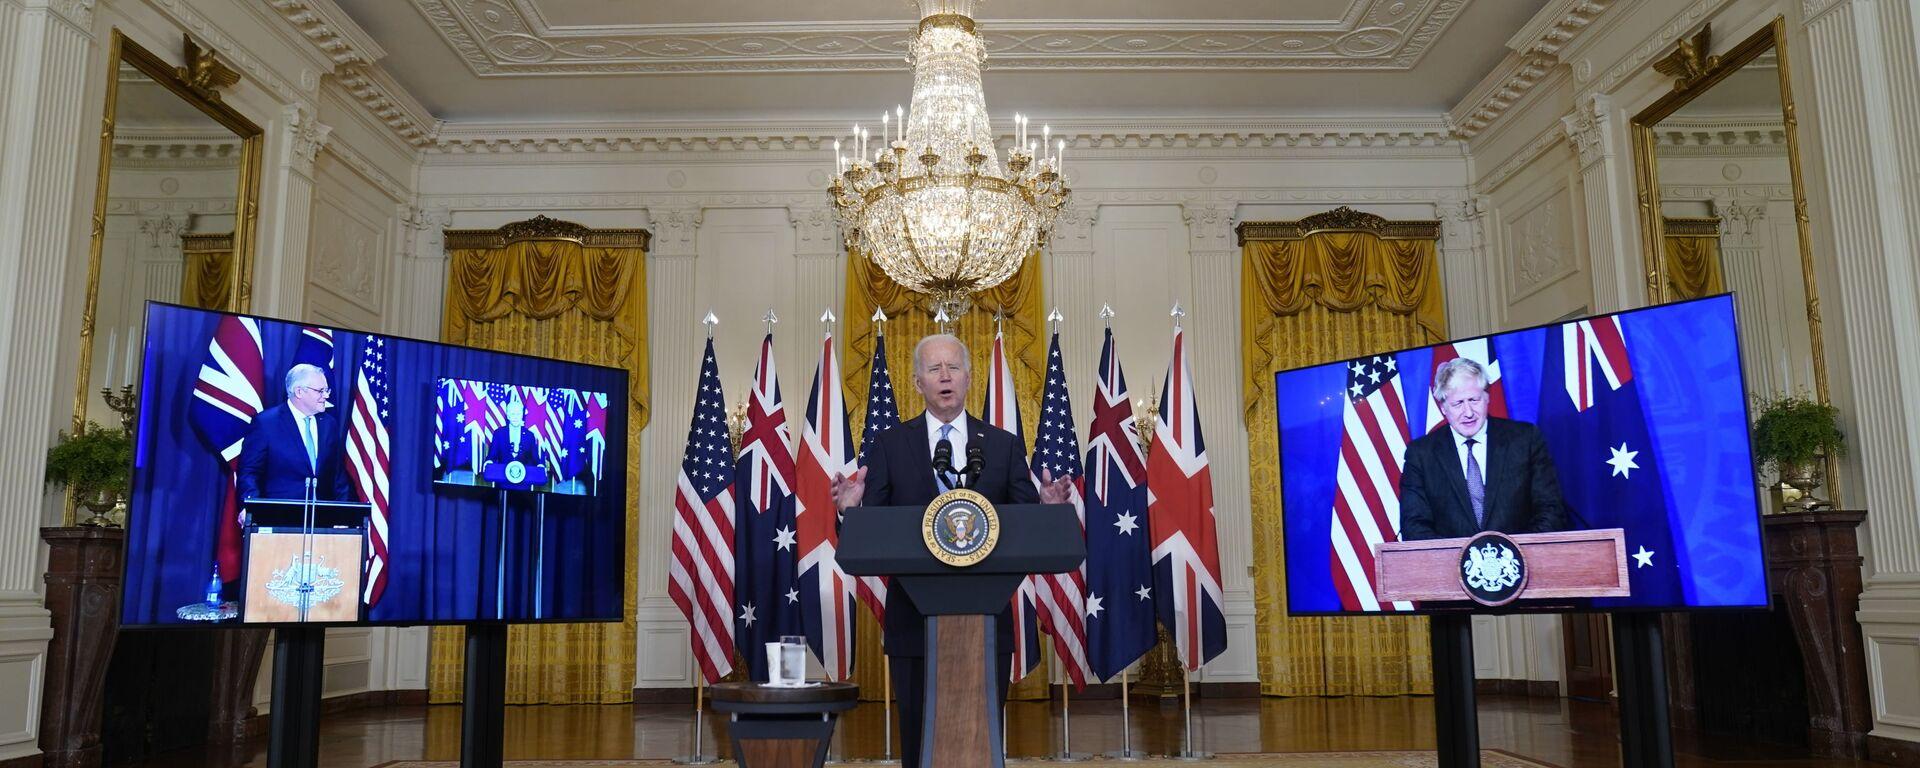 Tổng thống Joe Biden, Thủ tướng Úc Scott Morrison và Thủ tướng Anh Boris Johnson tại cuộc họp trực tuyến về sáng kiến an ninh quốc gia mới của Hoa Kỳ hợp tác với Úc và Vương quốc Anh - Sputnik Việt Nam, 1920, 21.09.2021